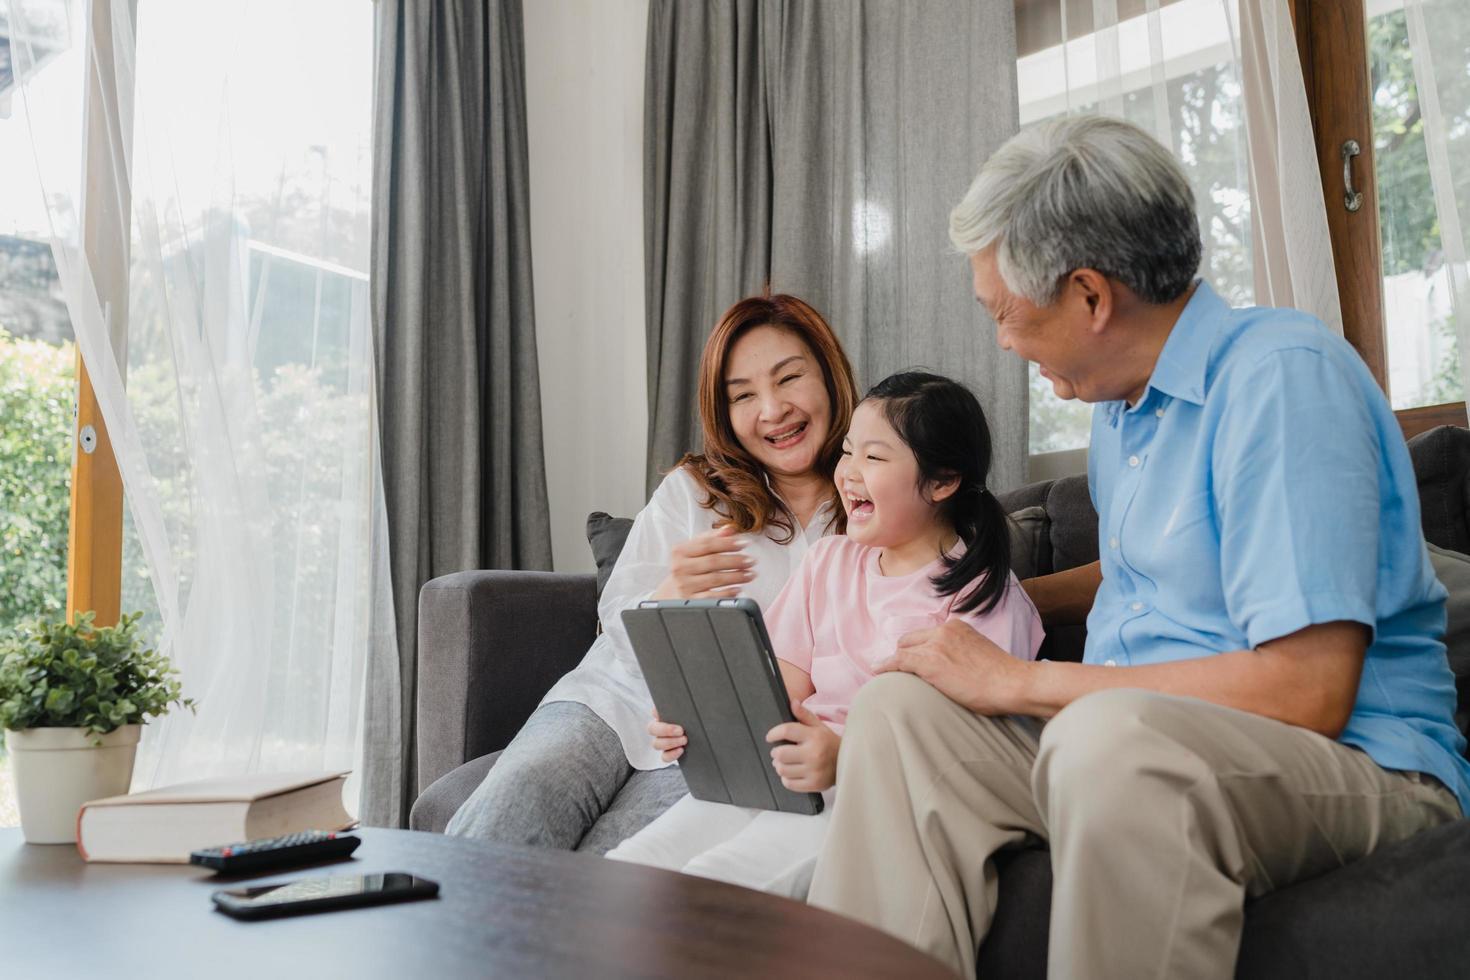 grands-parents asiatiques et petite-fille utilisant une tablette à la maison photo